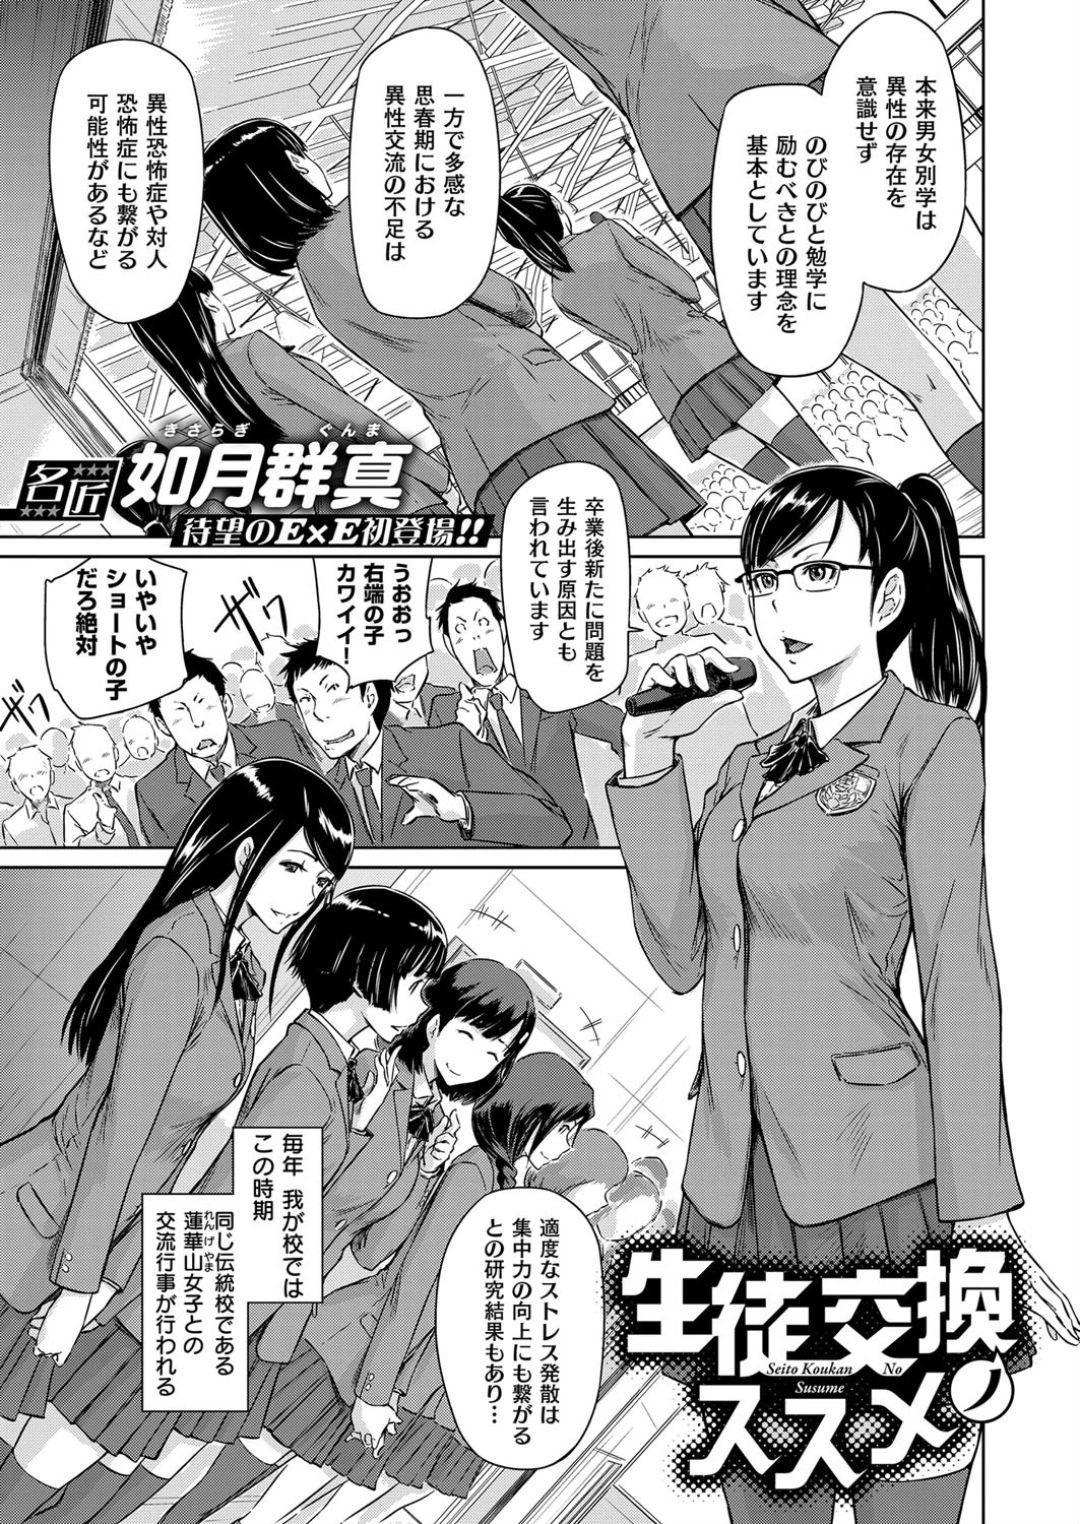 Seito Koukan no Susume 0